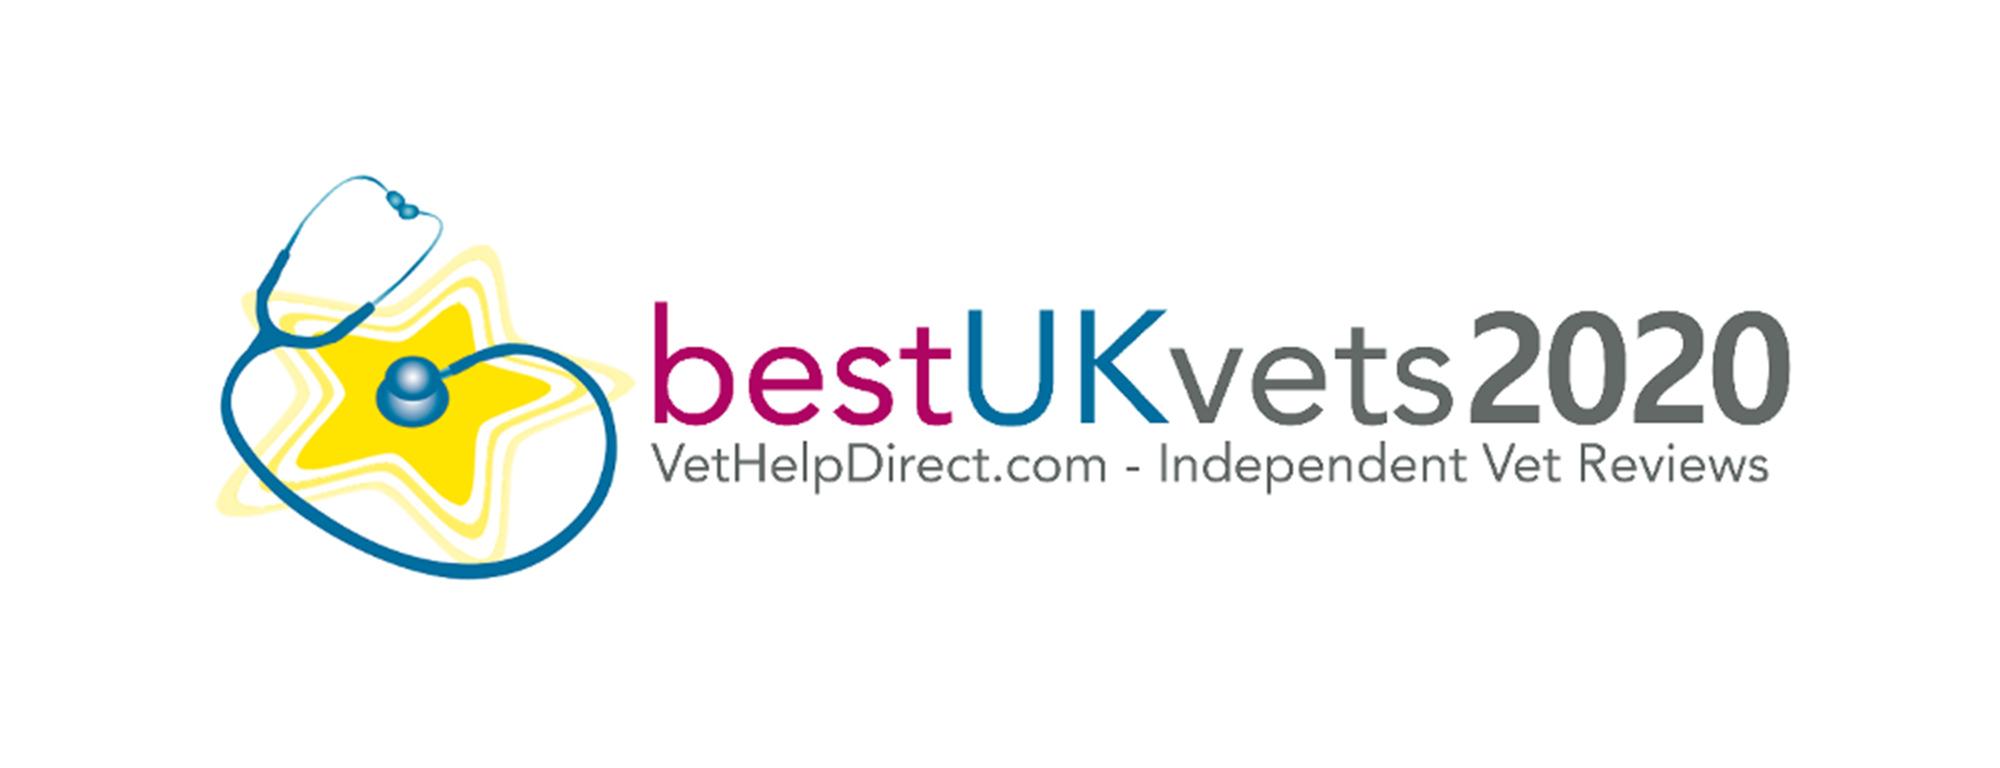 Cockburn Vets awarded 4th place in best uk vet practice awards